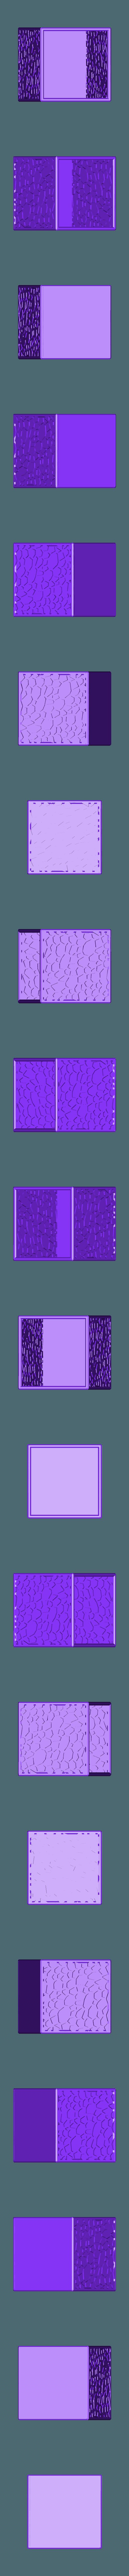 gPot_spots_50x1.5.stl Télécharger fichier SCAD gratuit gPattern • Design pour imprimante 3D, Wachet